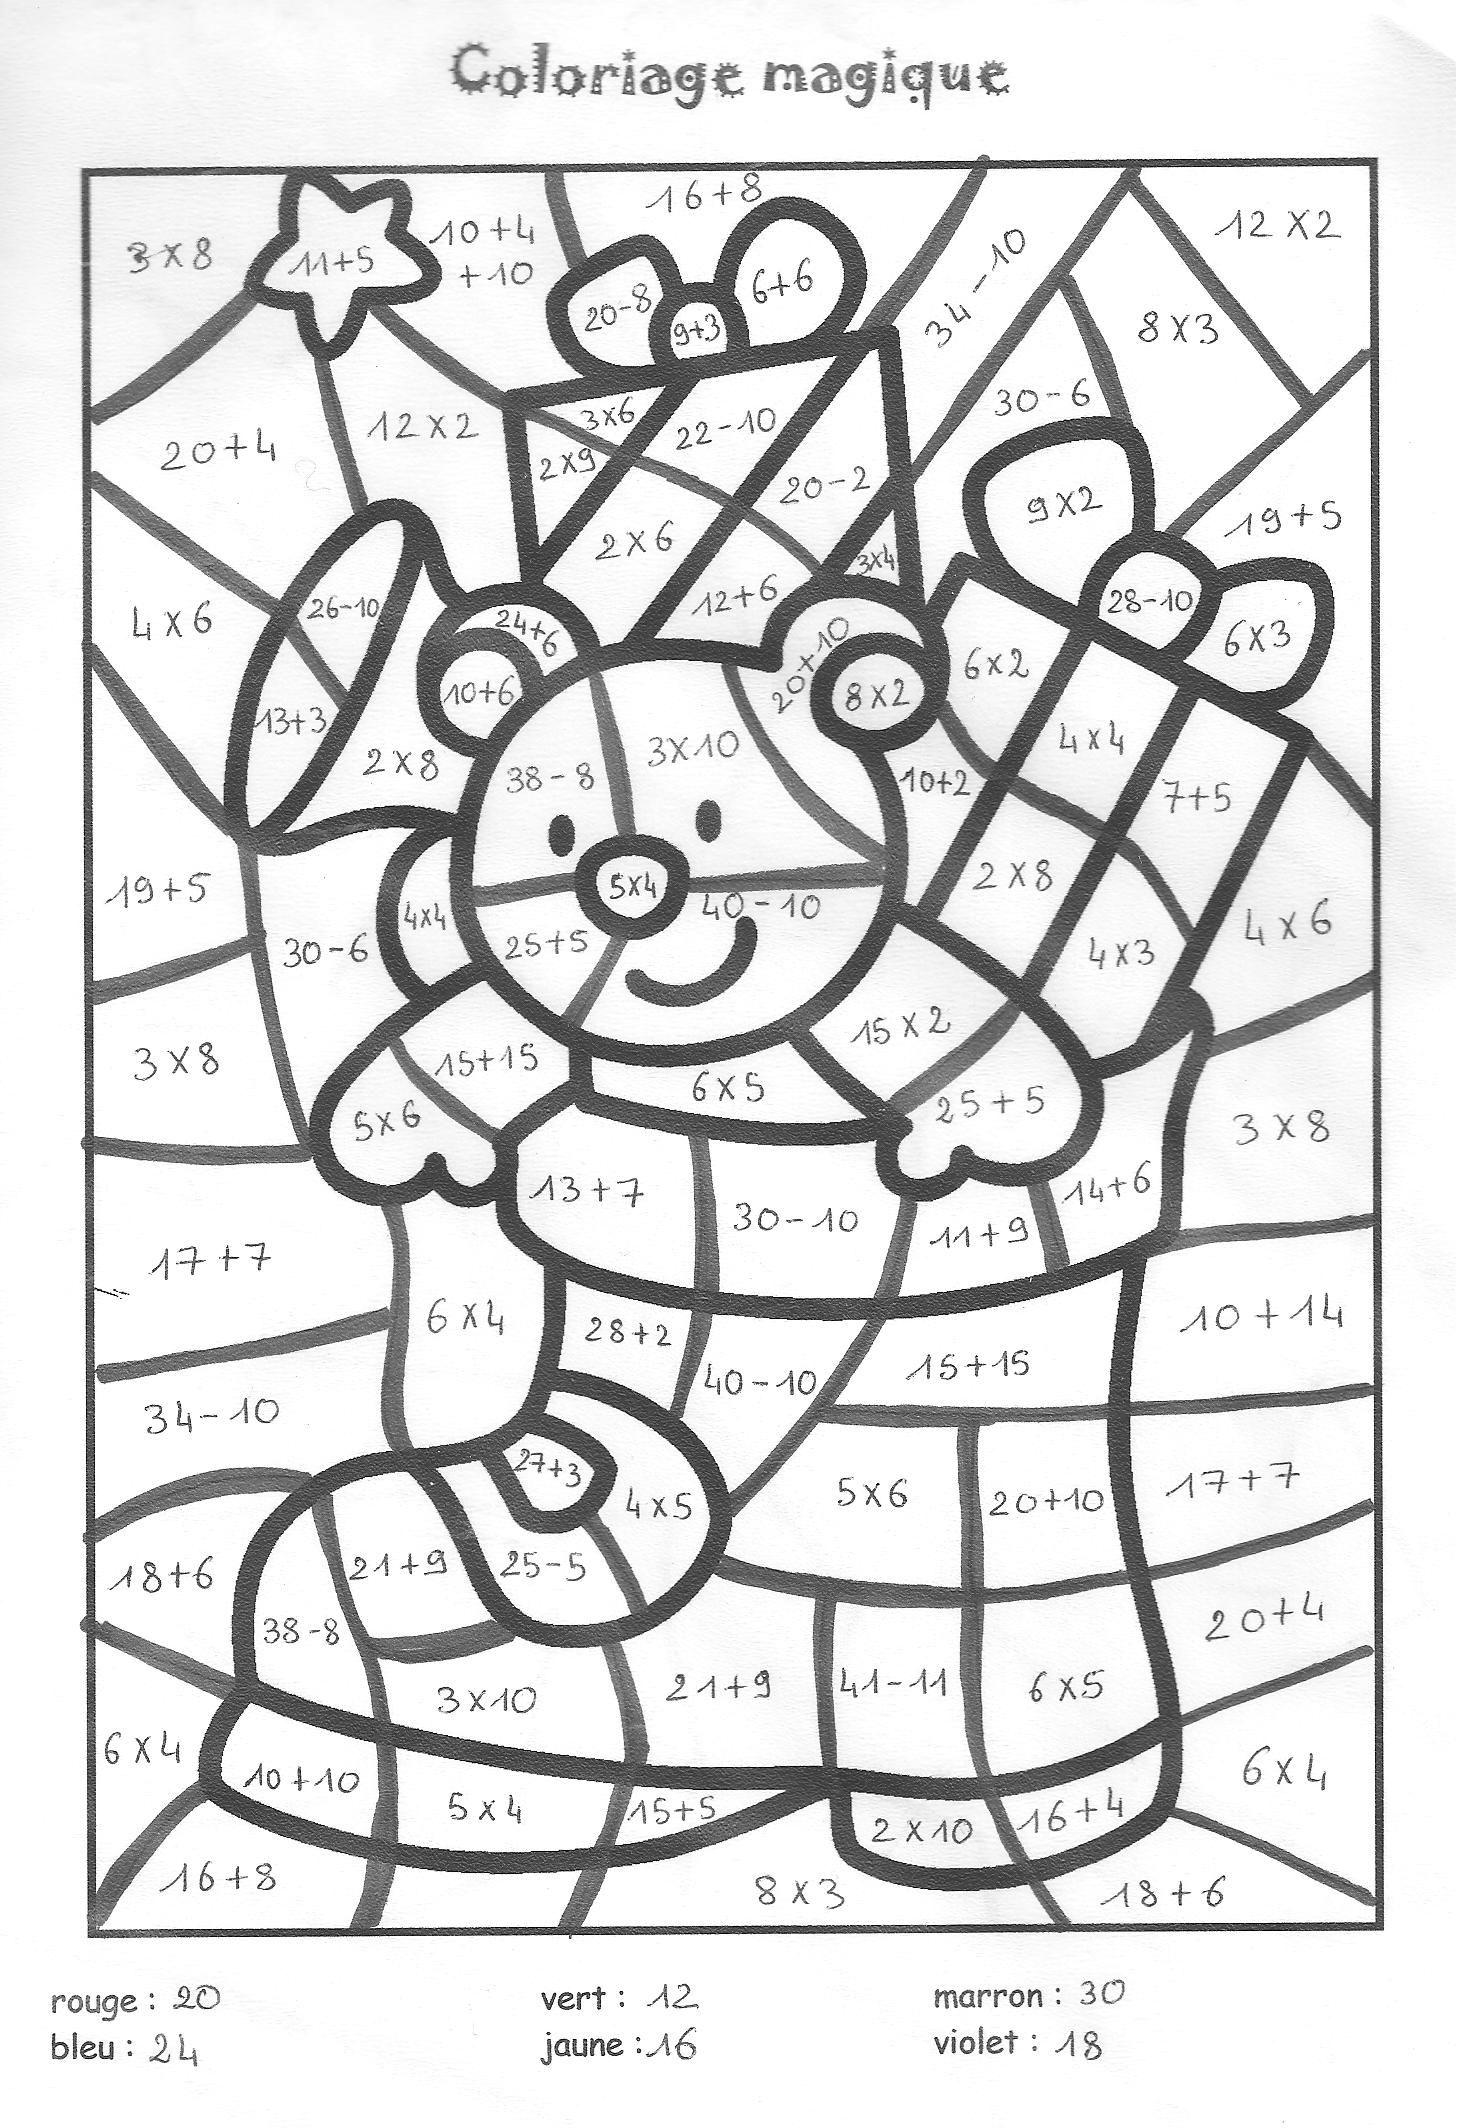 Coloriage magique cm1 colorier dessin imprimer druh ci pinterest math kids rugs a - Coloriage magique pour cm2 ...